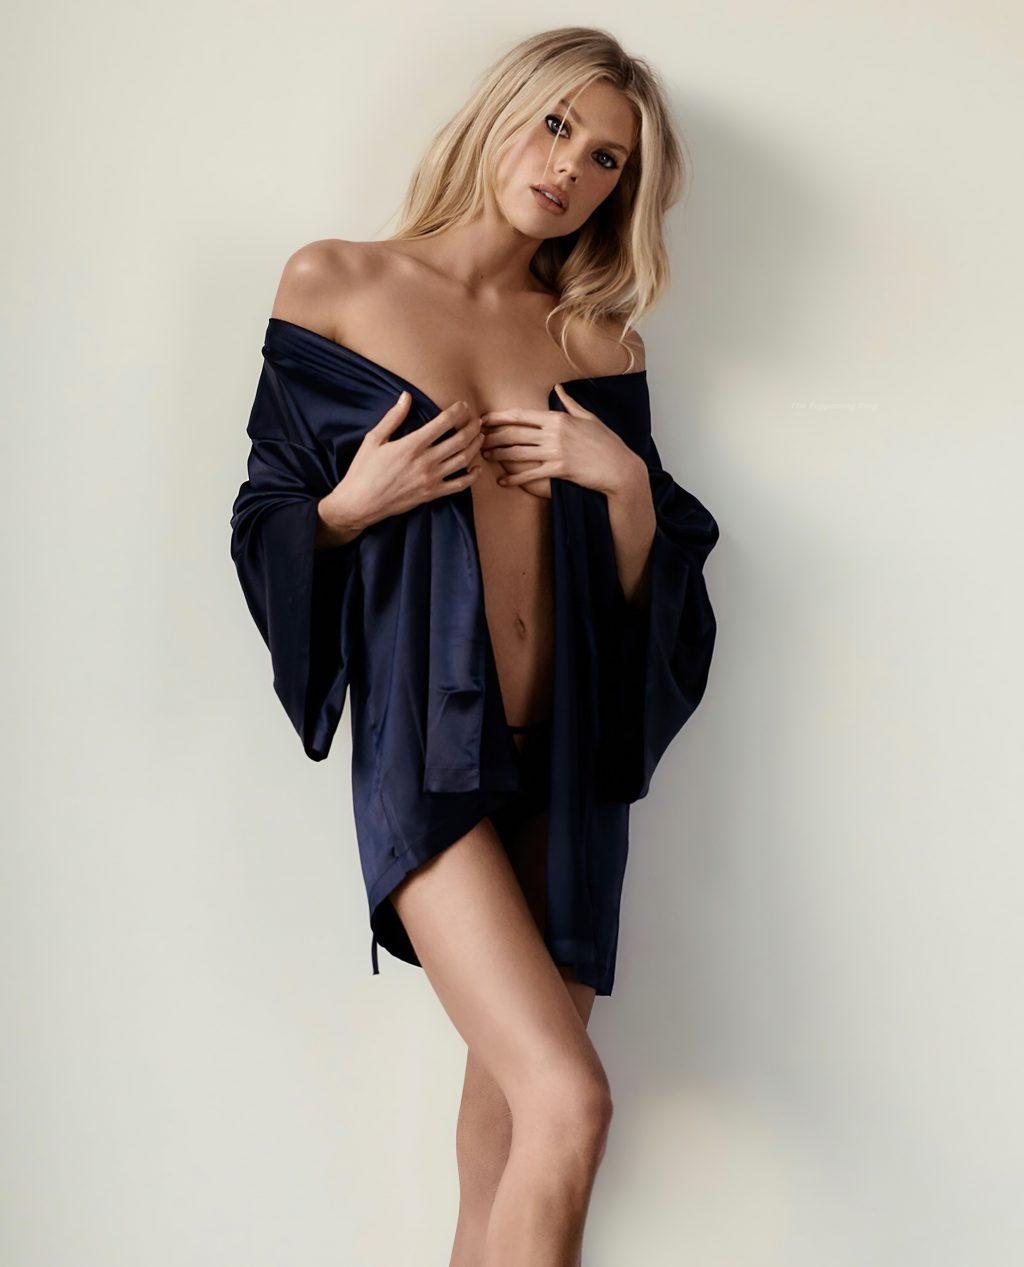 Charlotte McKinney Promotes La Senza Lingerie (7 Photos)